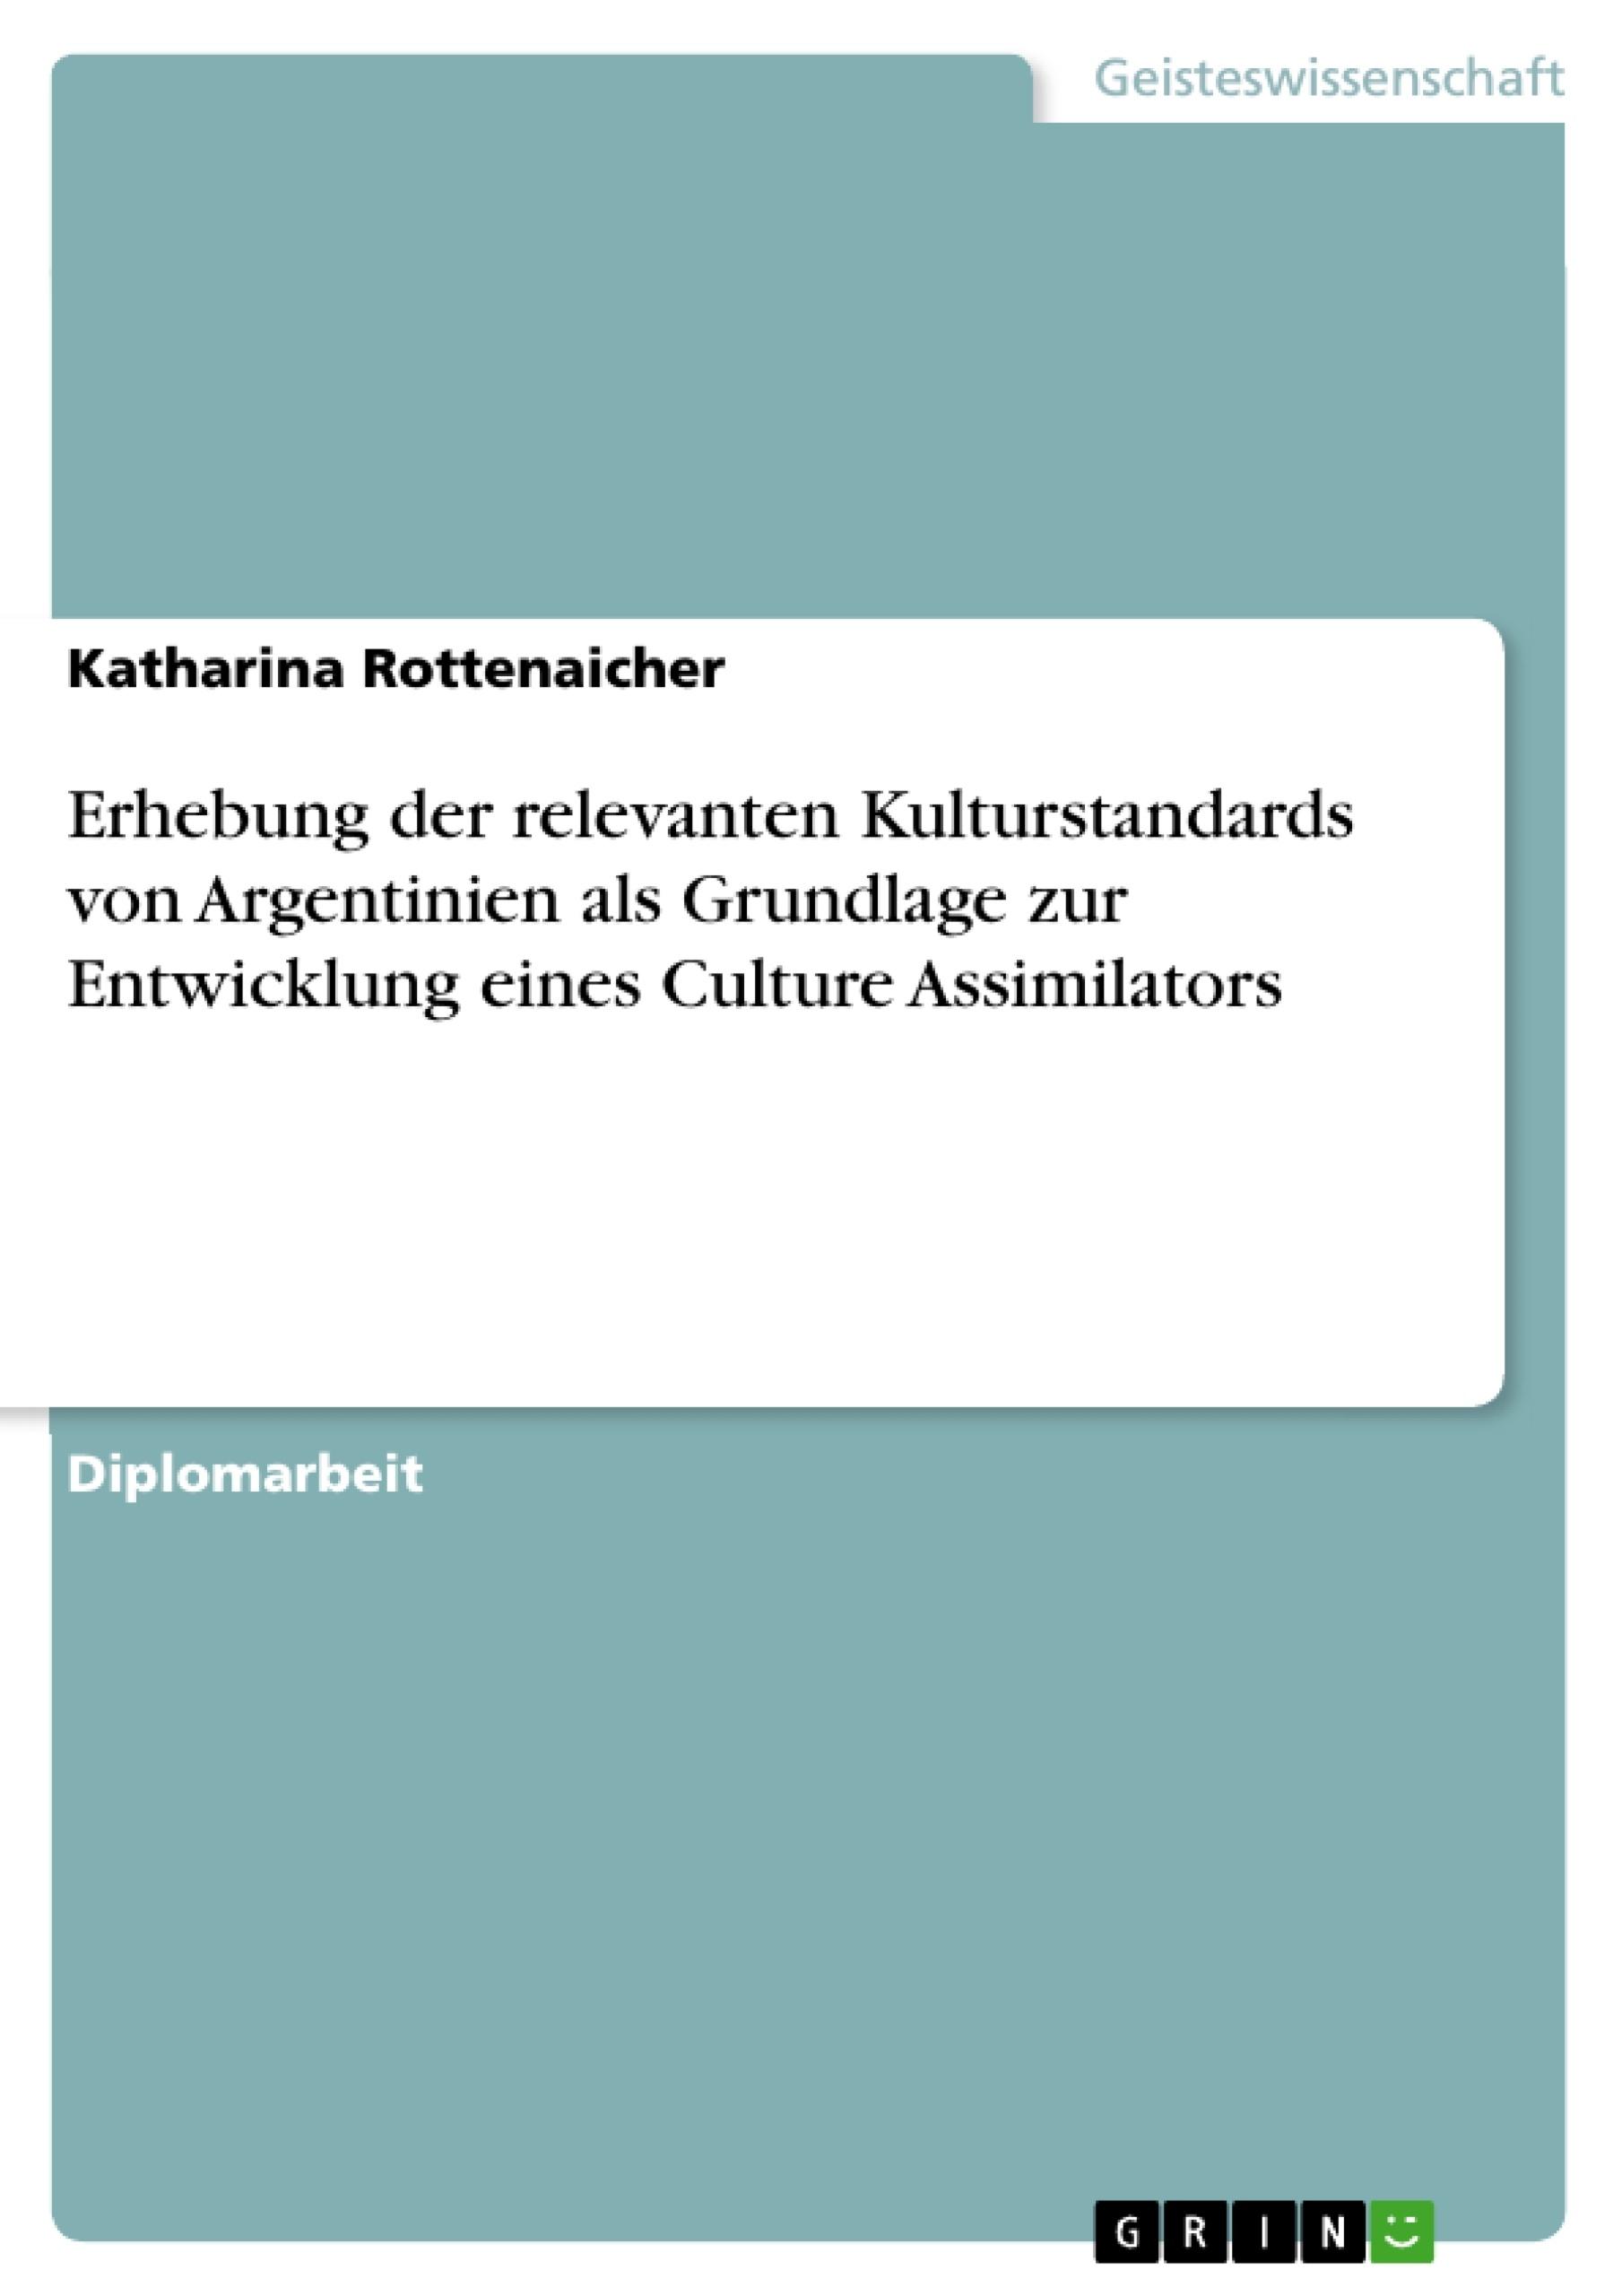 Titel: Erhebung der relevanten Kulturstandards von Argentinien als Grundlage zur Entwicklung eines Culture Assimilators